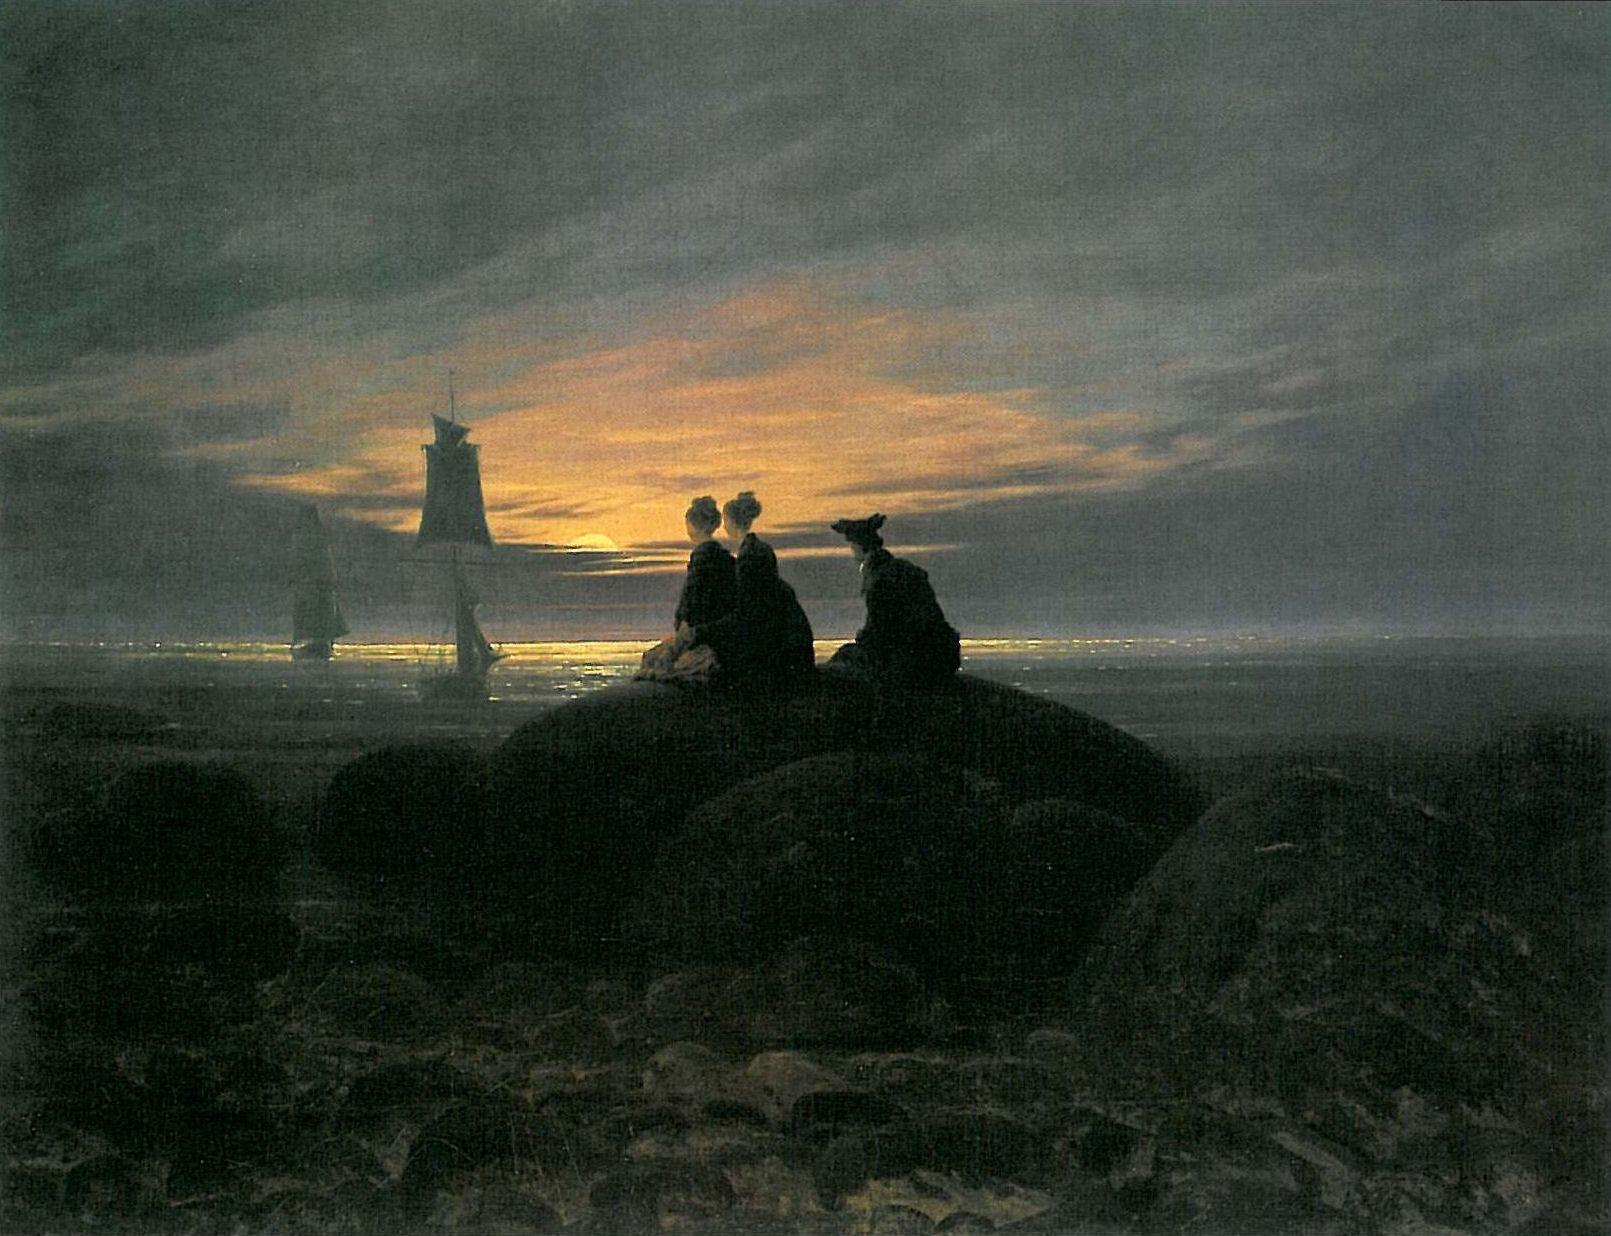 Motivos modernos (Pintura, Fotografía cosas así) - Página 4 Caspar-david-friedrich-la-luna-saliendo-a-la-orilla-del-mar